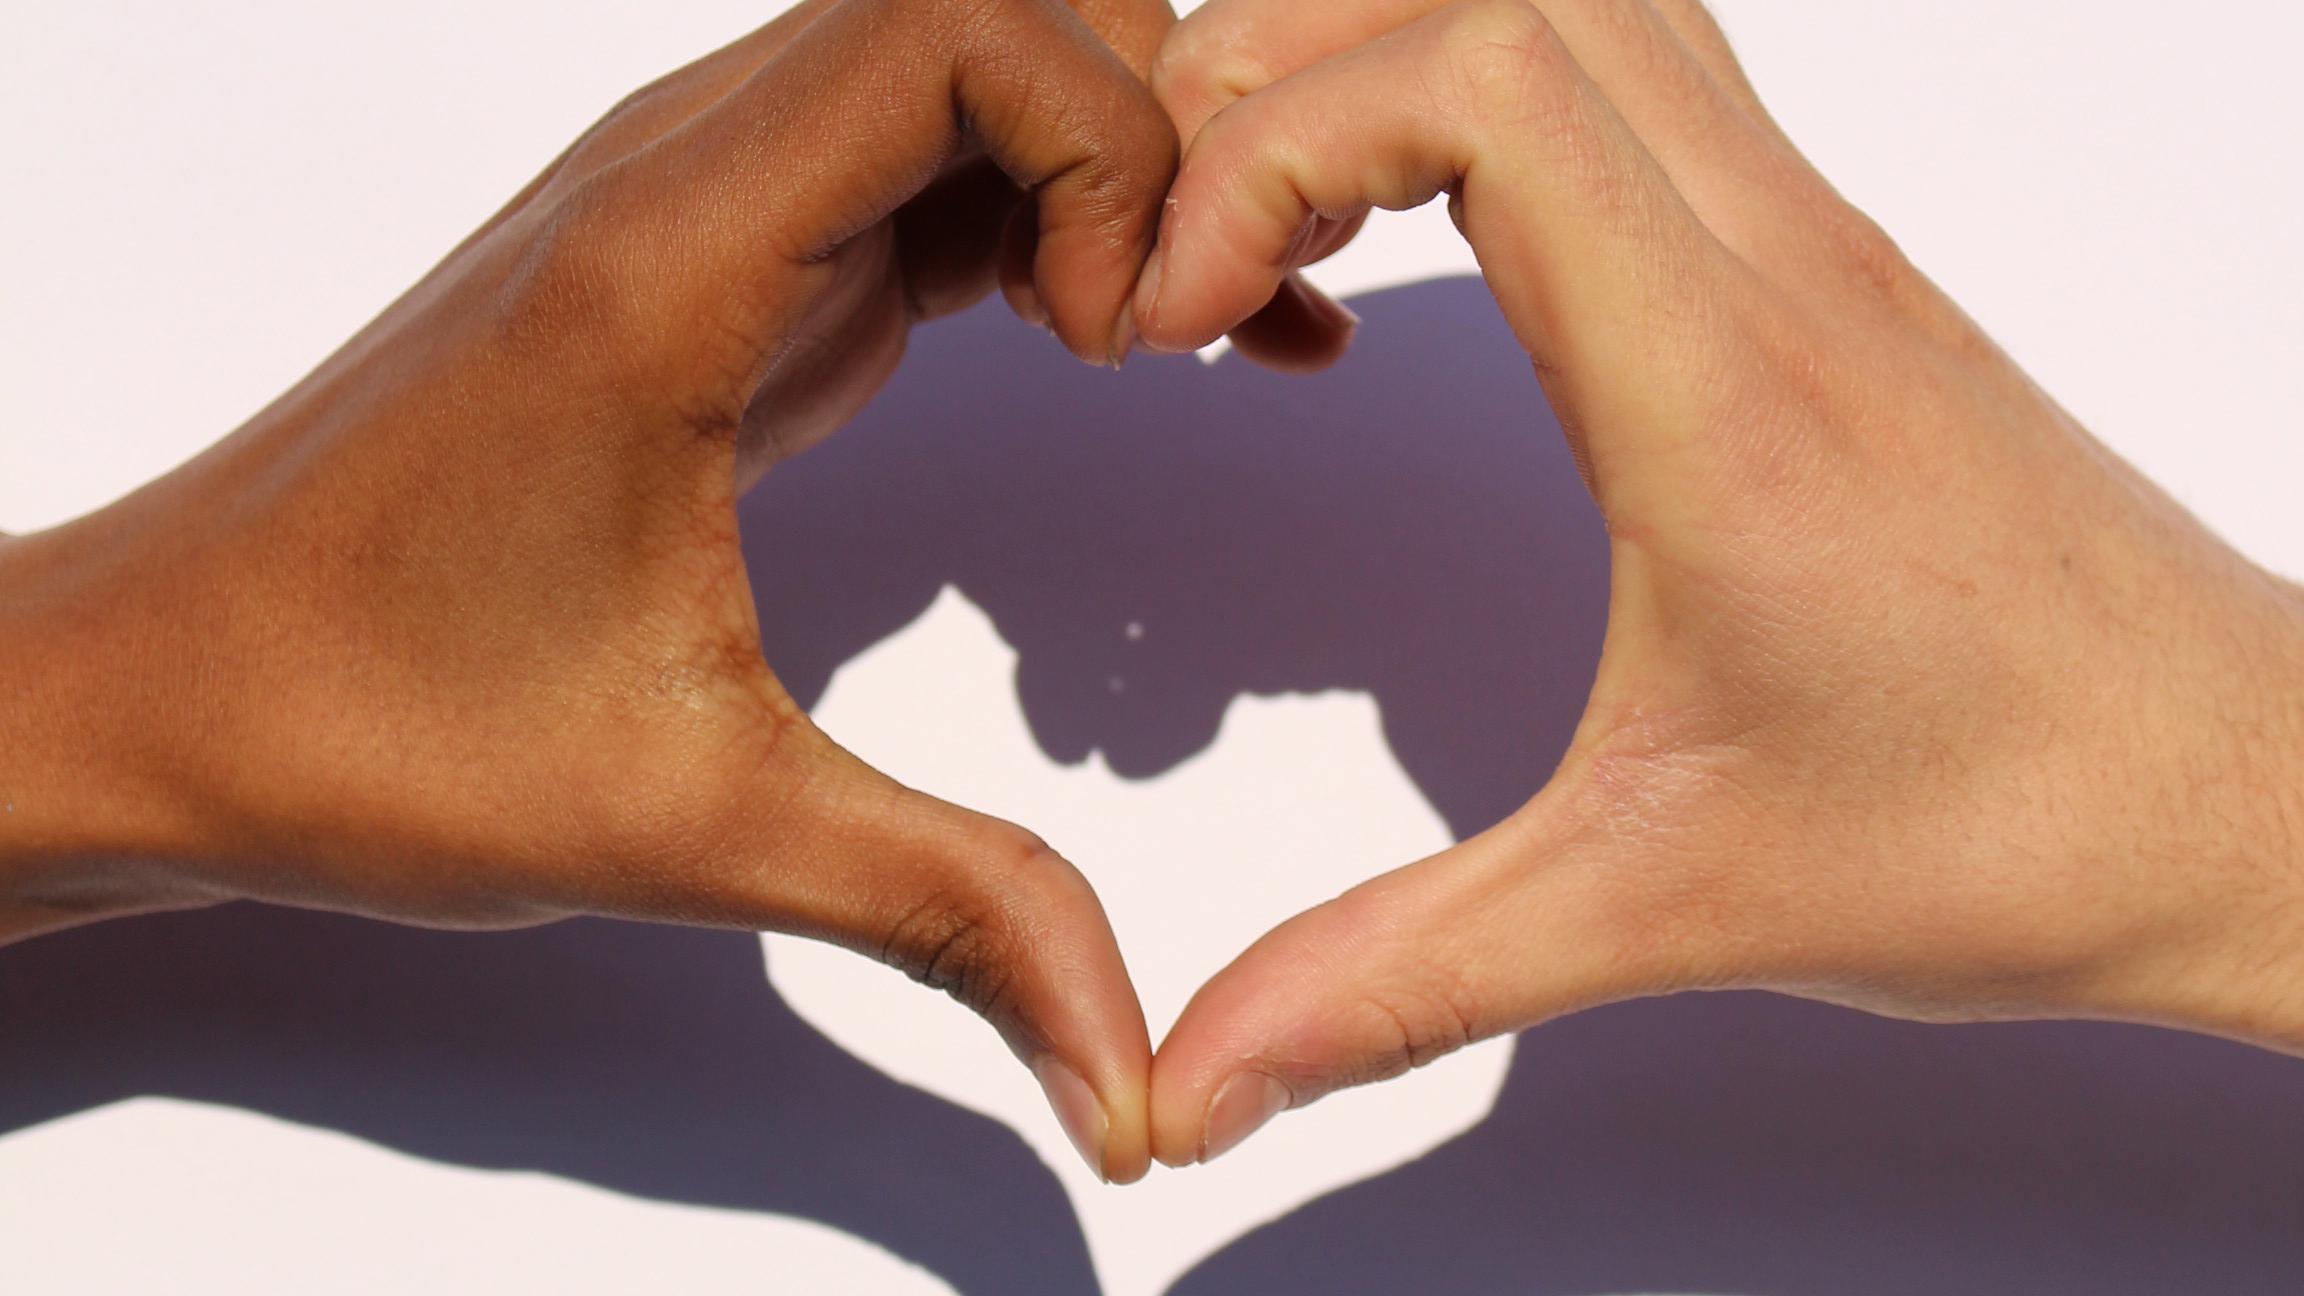 Två par händer med olika hudfärg formar ett hjärta mot en vit bakgrund